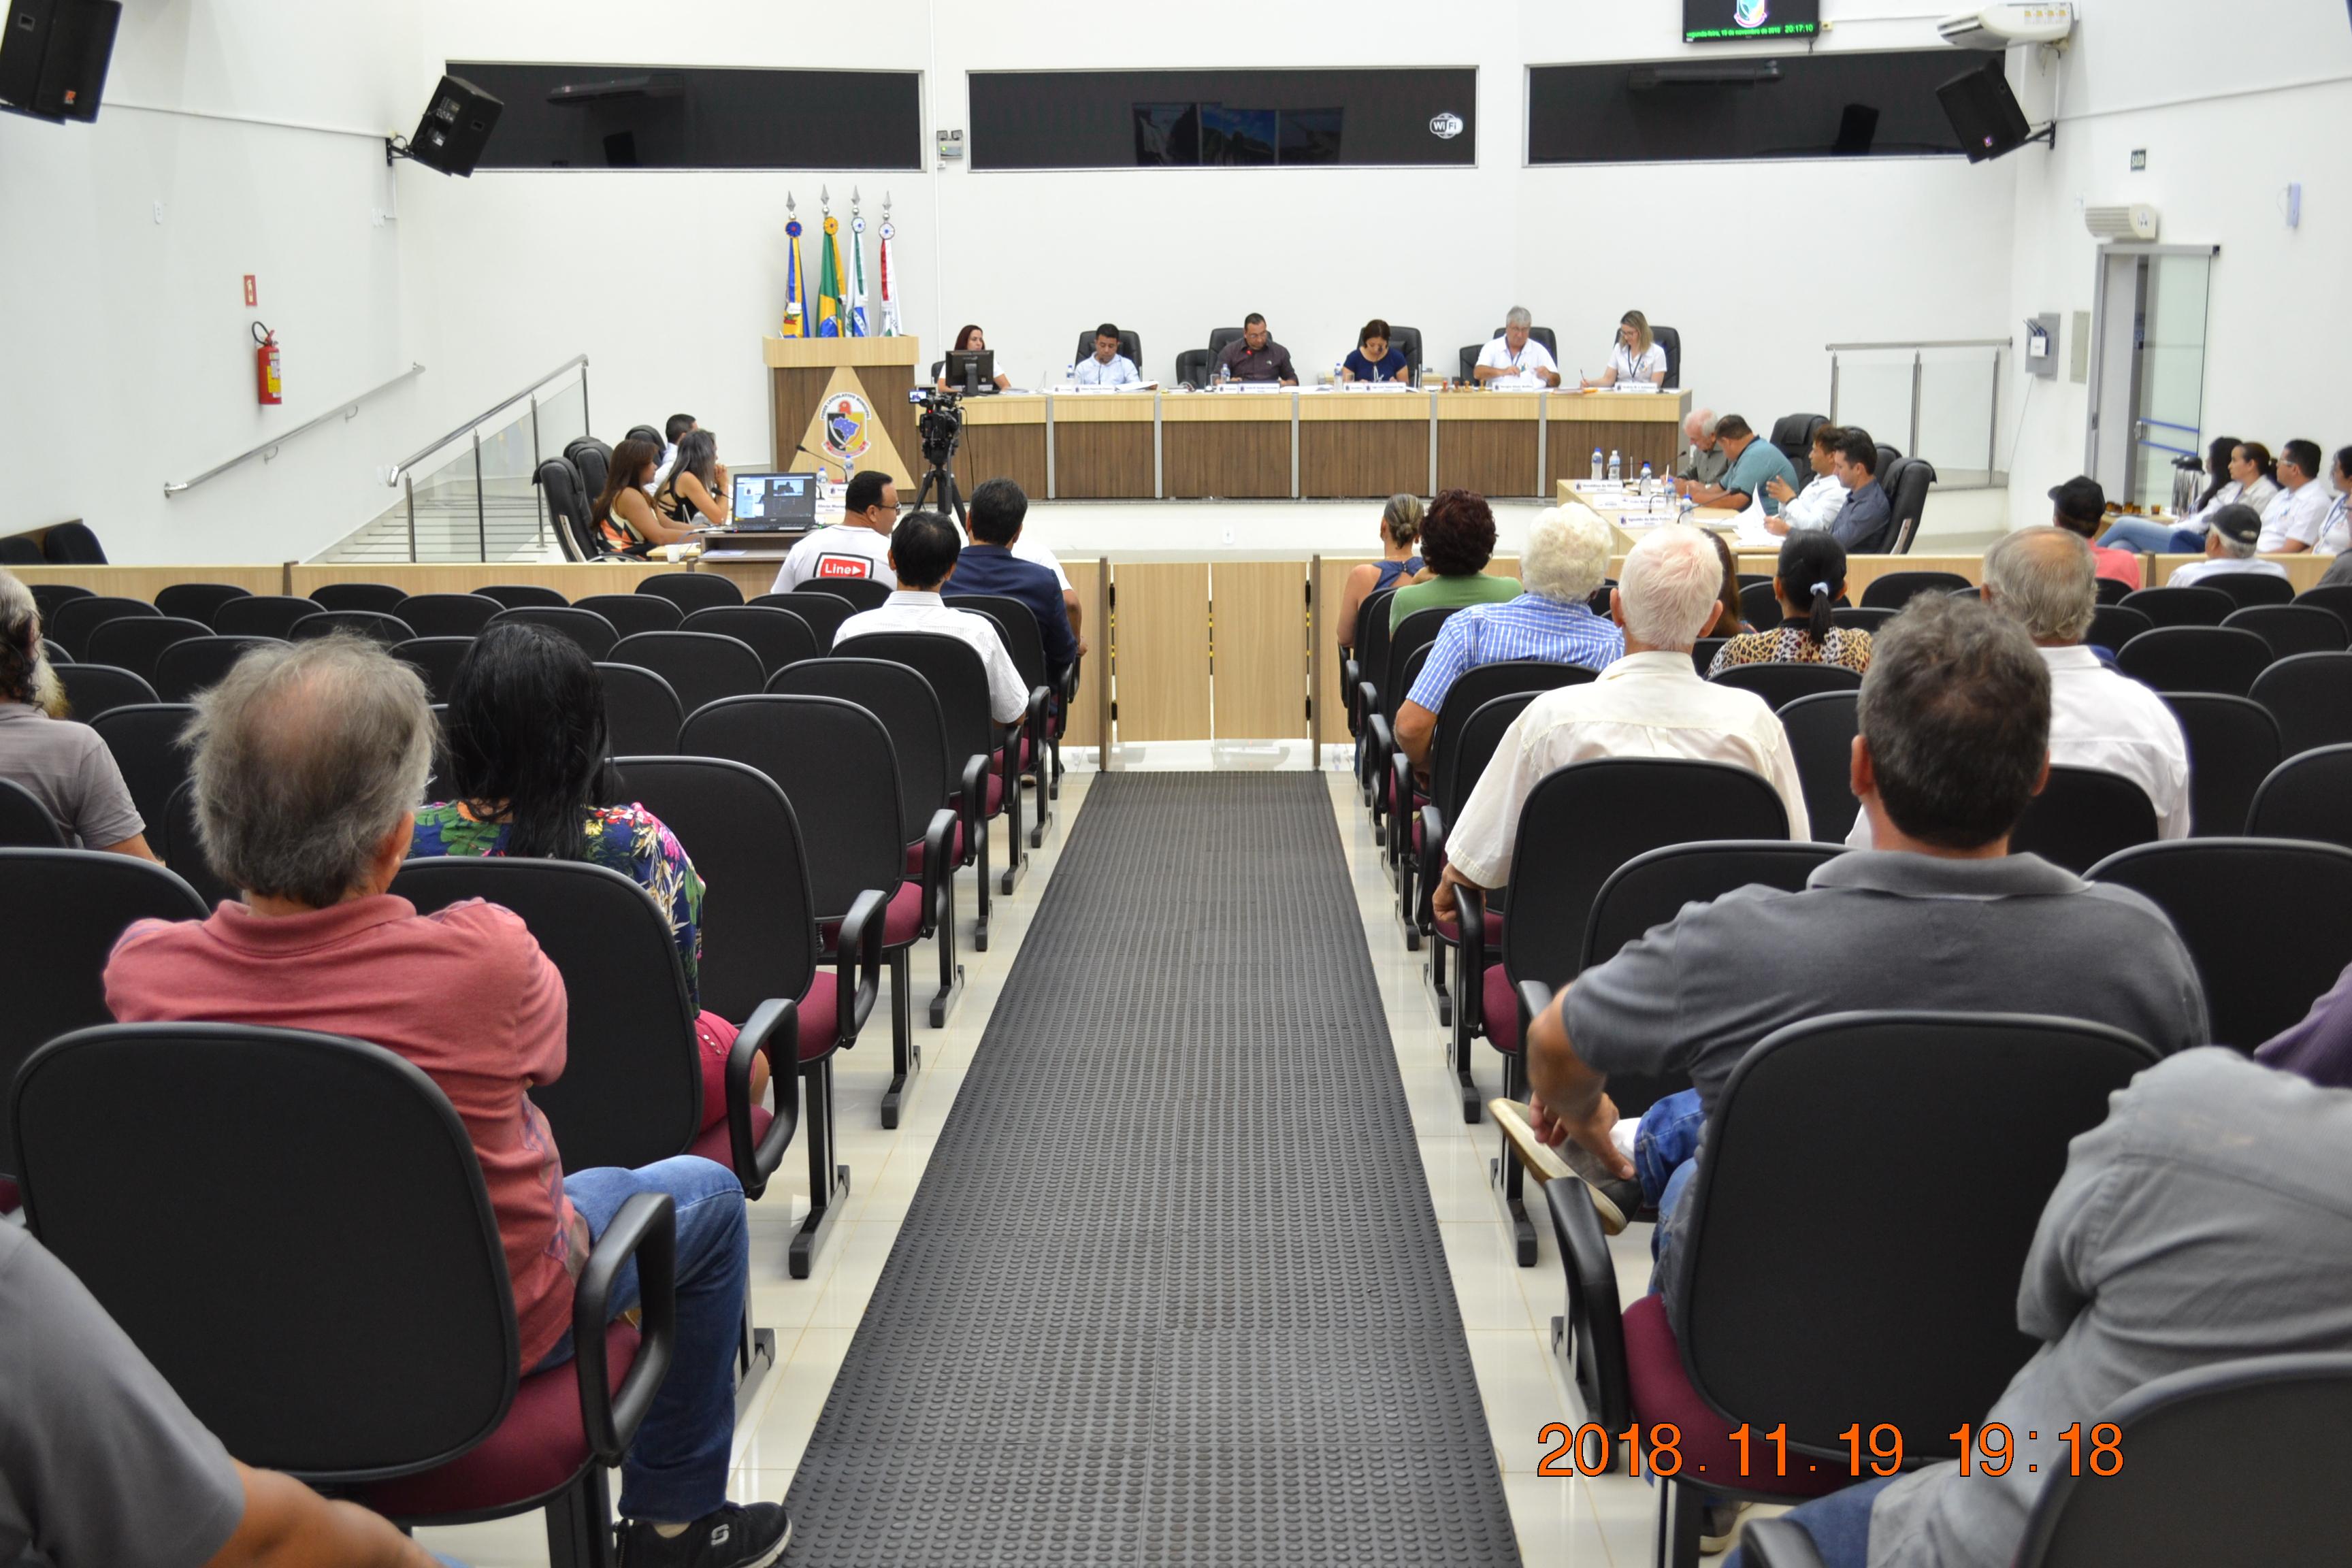 CÂMARA ENTRA EM RECESSO E APRESENTA BALANÇO DE 2018